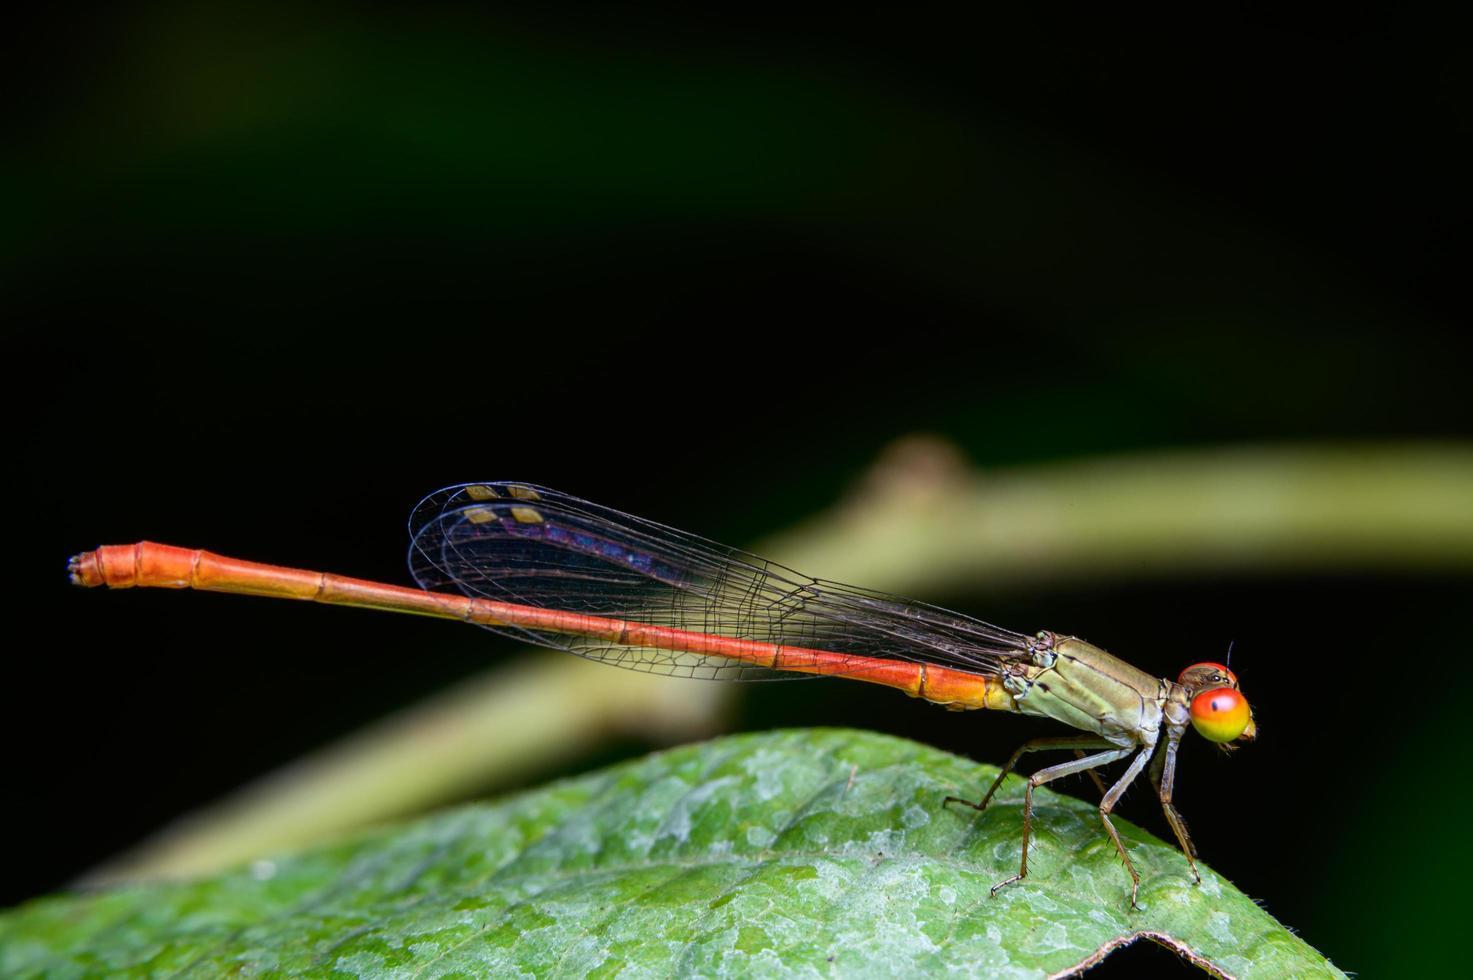 agriocnemis o libellula sulle foglie foto